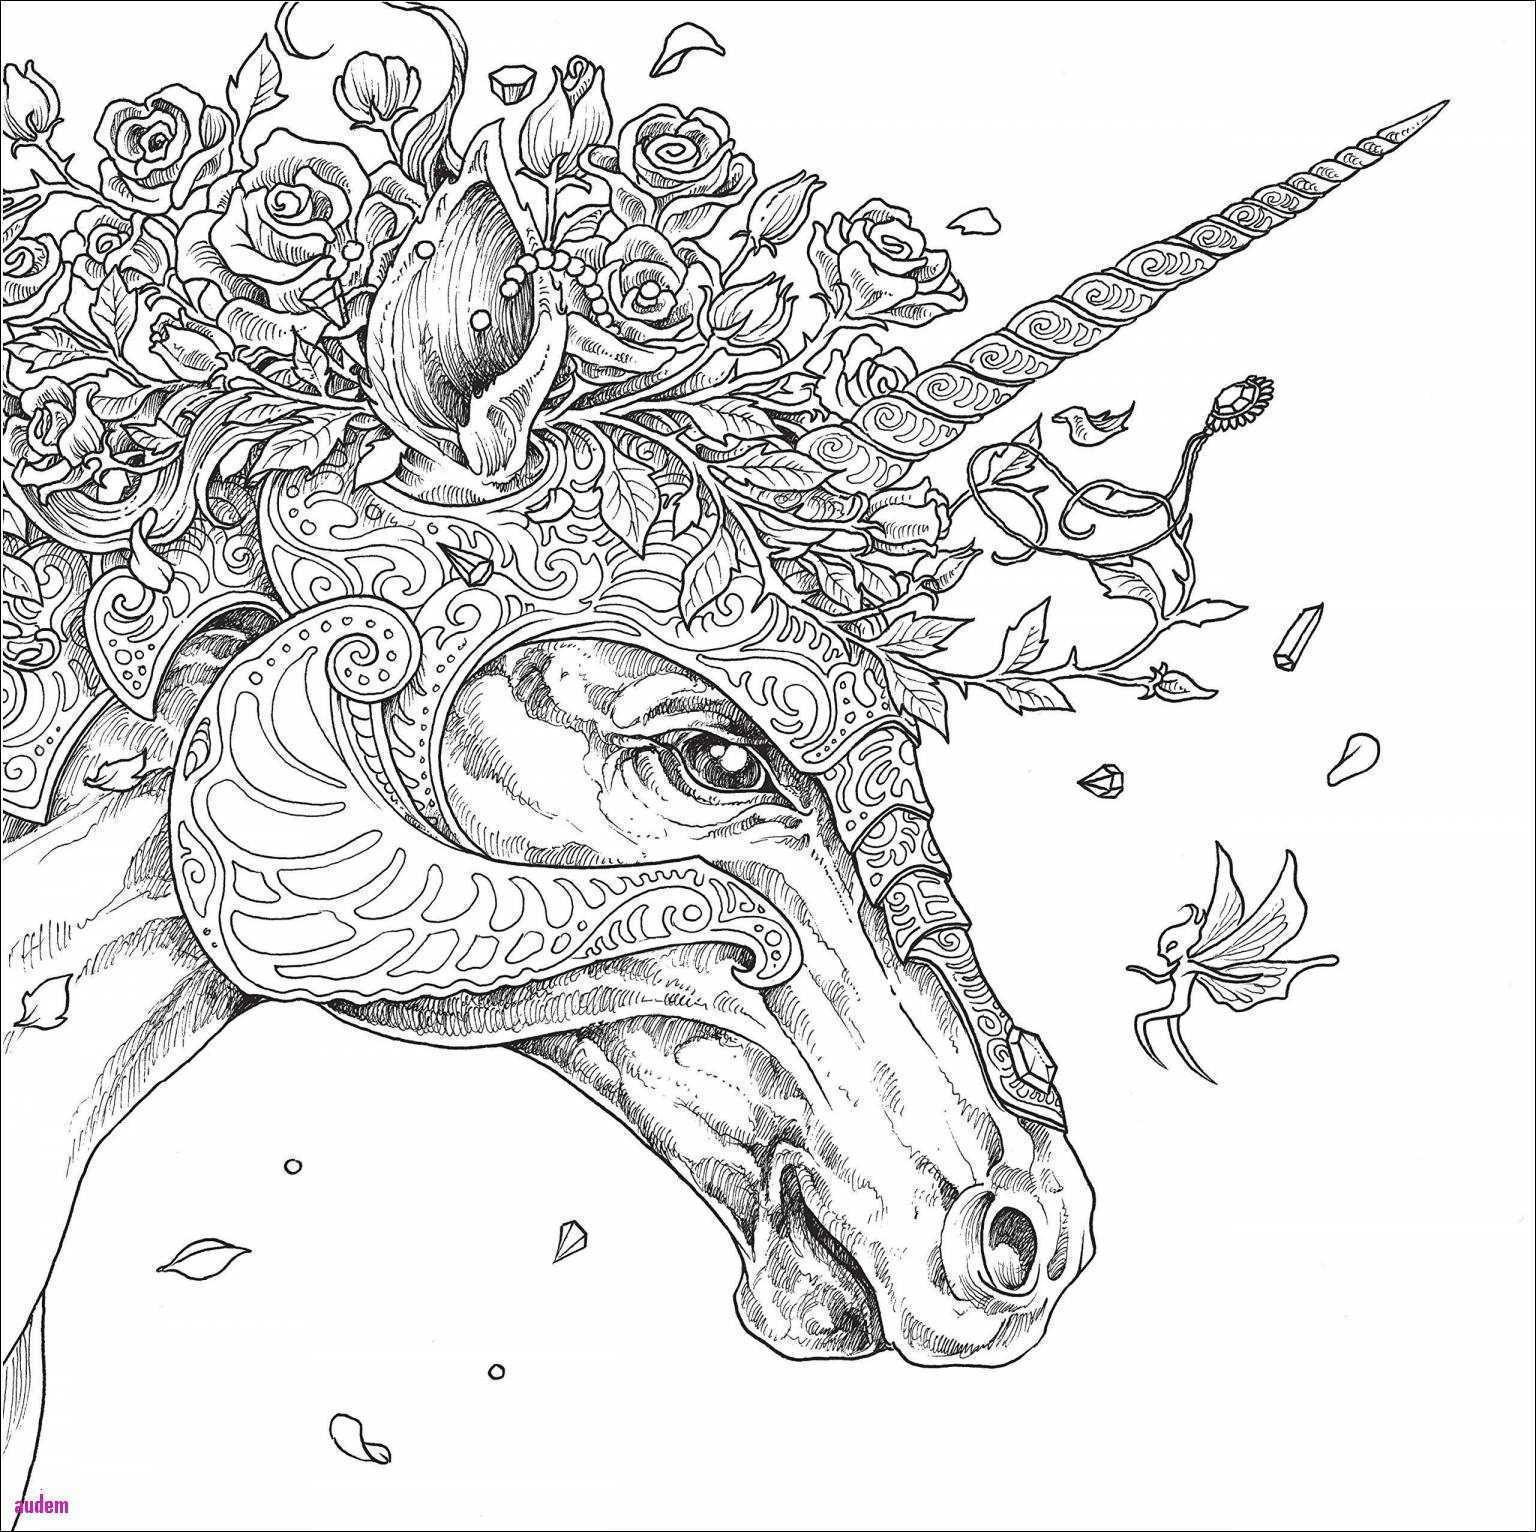 Elefant Zum Ausdrucken Frisch Elefant Zeichnen Einfach Bildnis Malvorlagen Igel Frisch Igel Sammlung